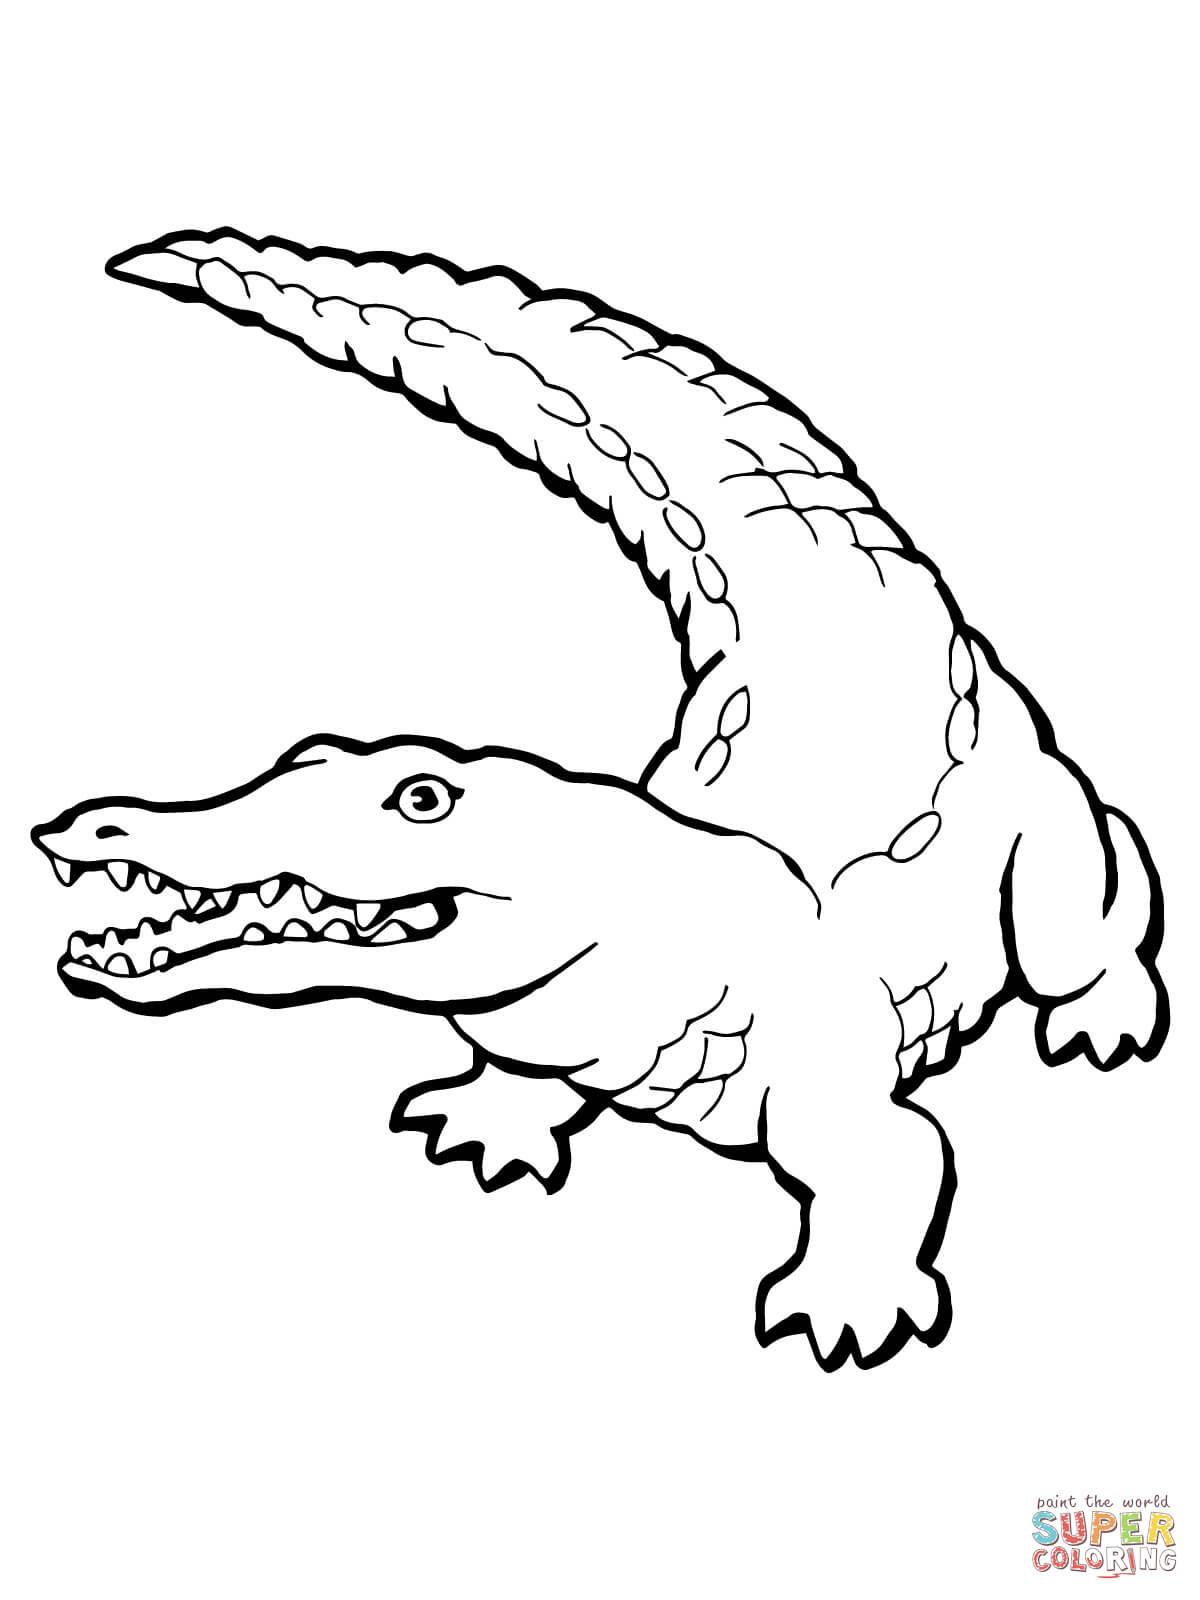 20 Krokodil Zum Ausmalen - Besten Bilder von ausmalbilder